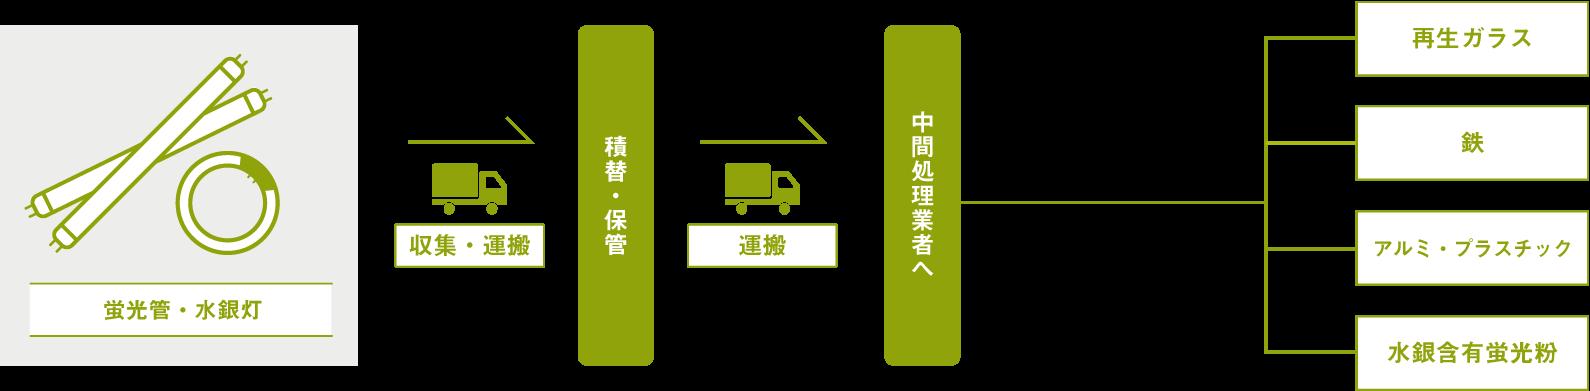 蛍光管・水銀灯の処分方法